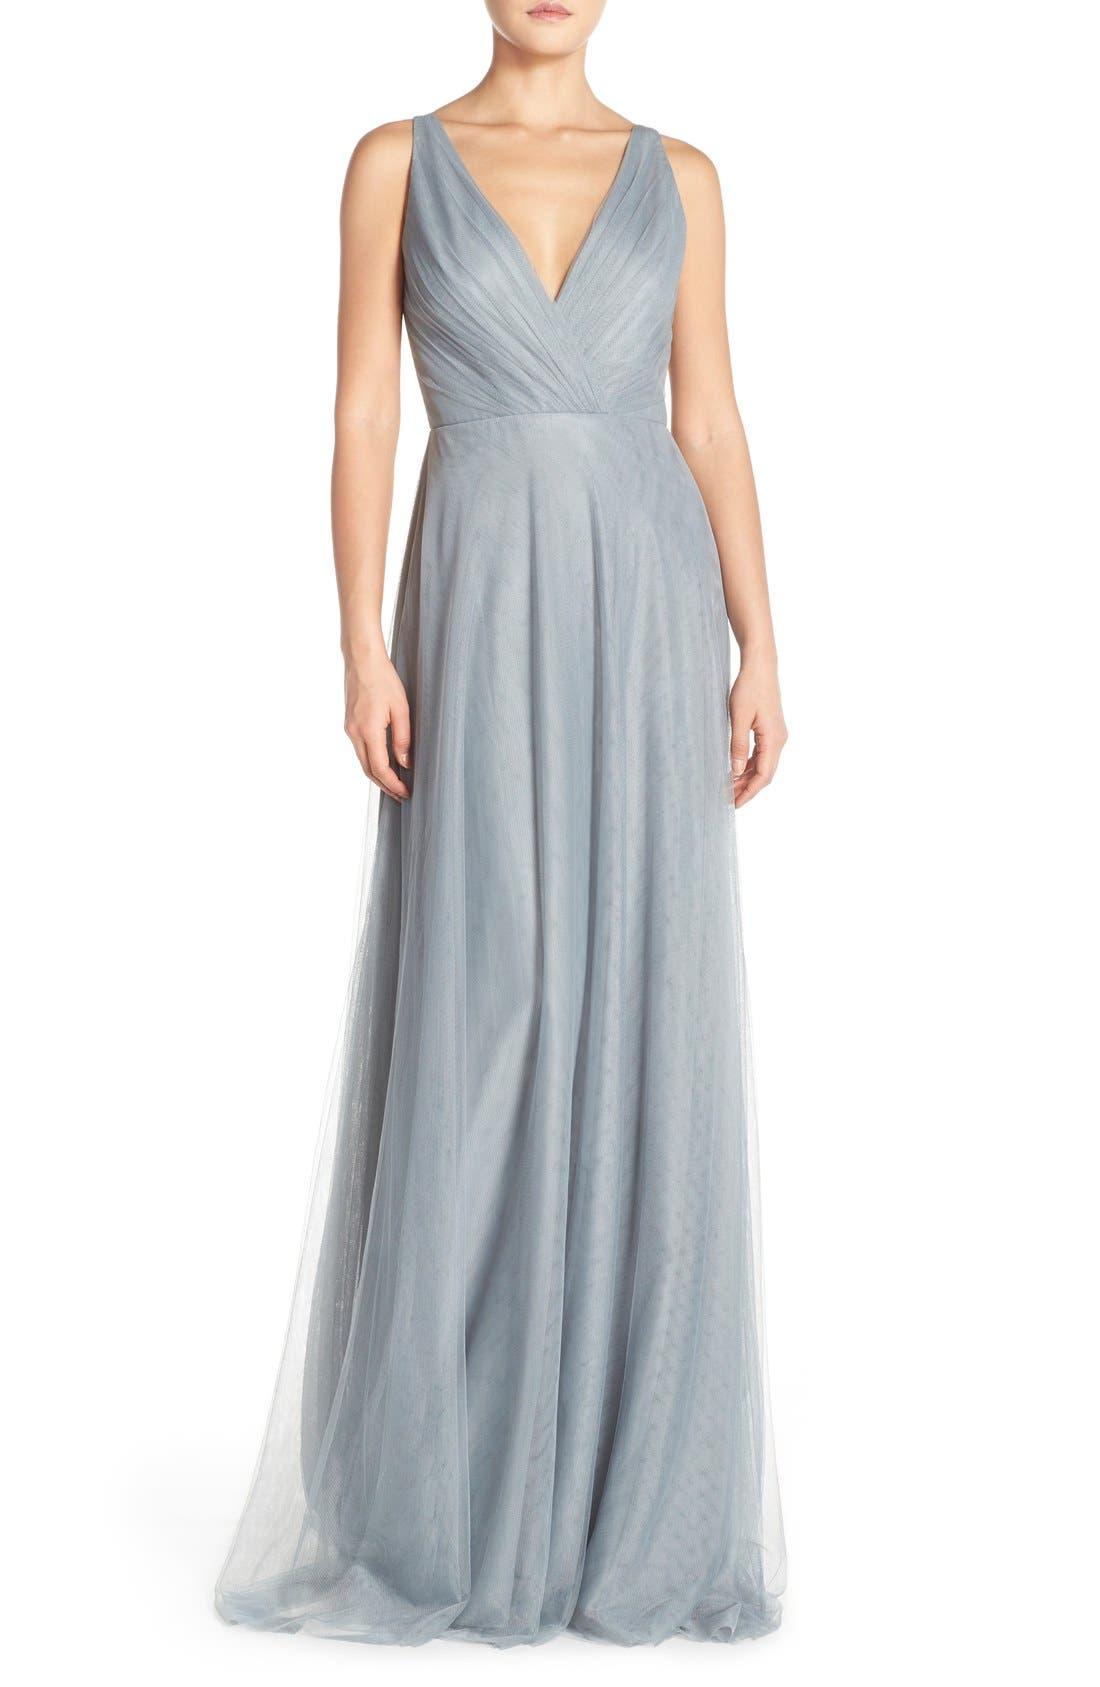 Alternate Image 1 Selected - Monique Lhuillier Bridesmaids Back Cutout Pleat Tulle Gown